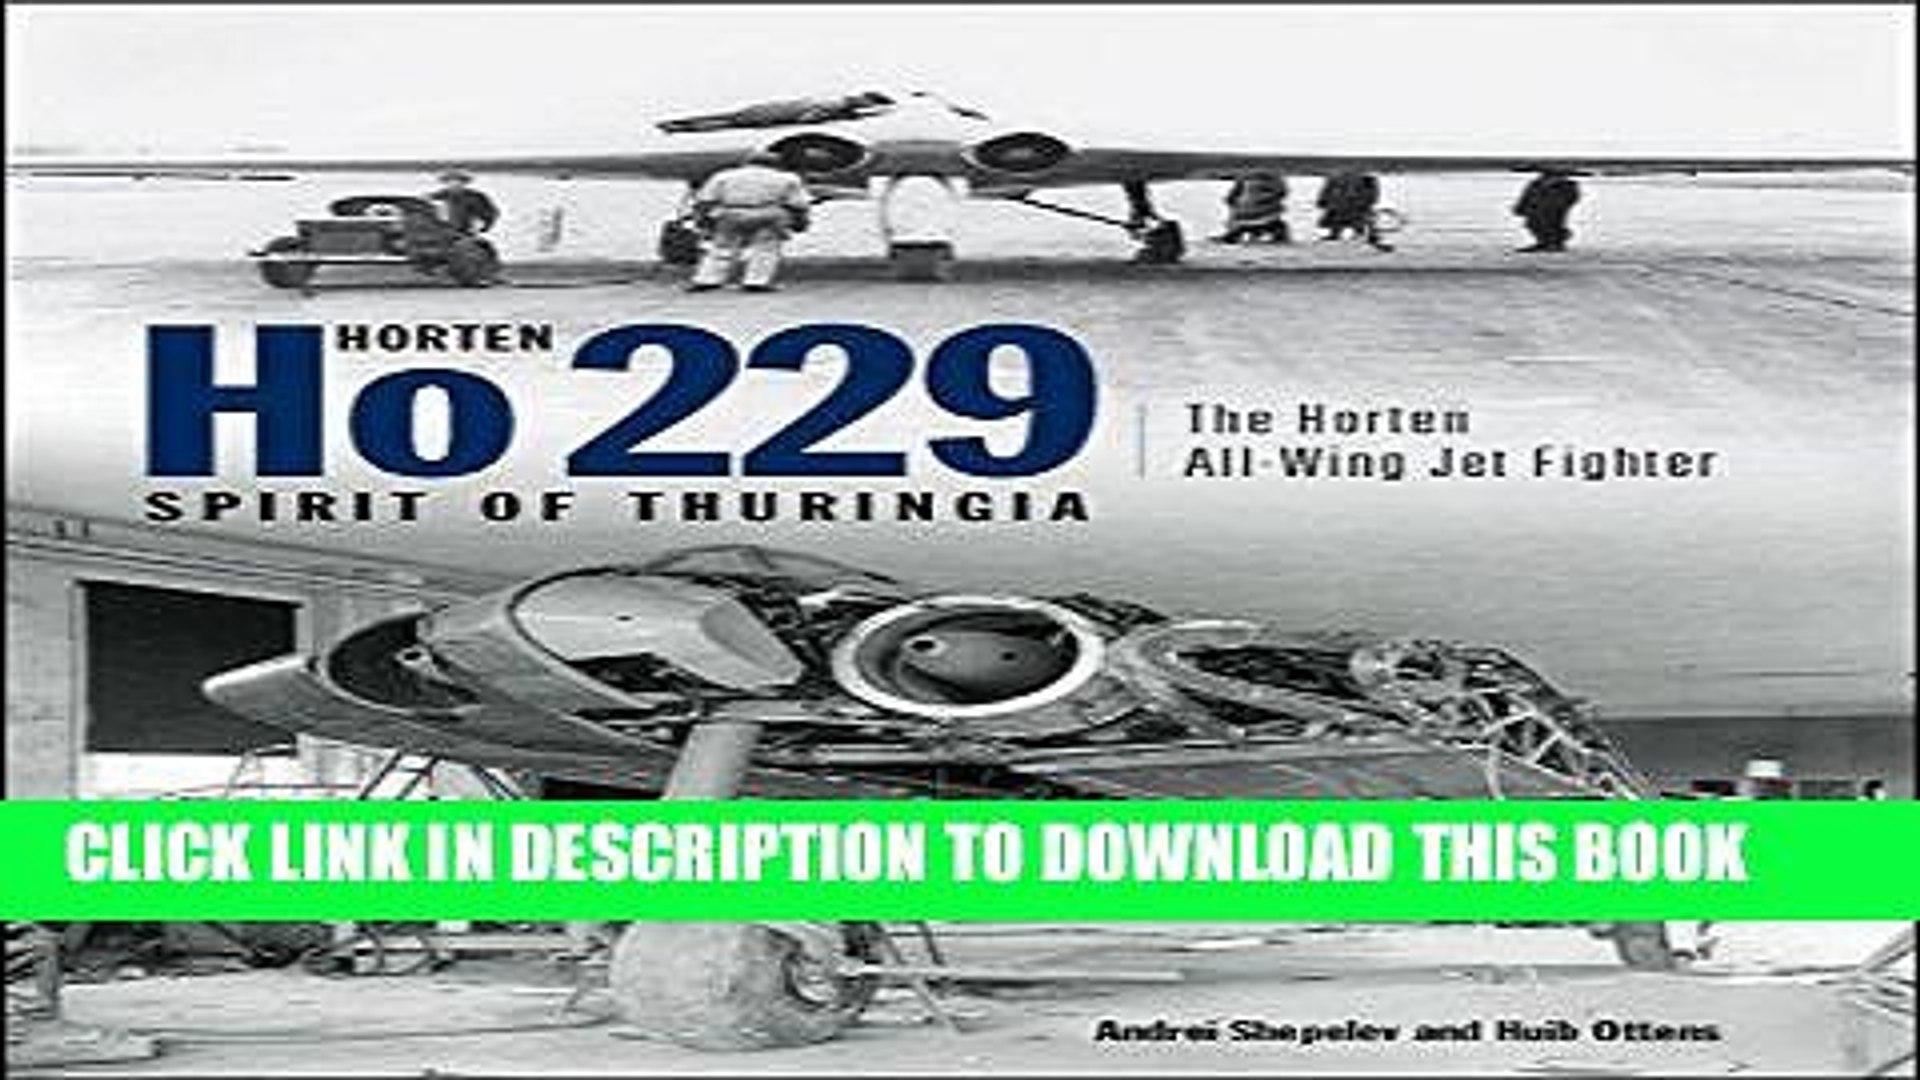 Best Seller Horten Ho 229 Spirit of Thuringia: The Horten All-Wing Jet Fighter Free Download